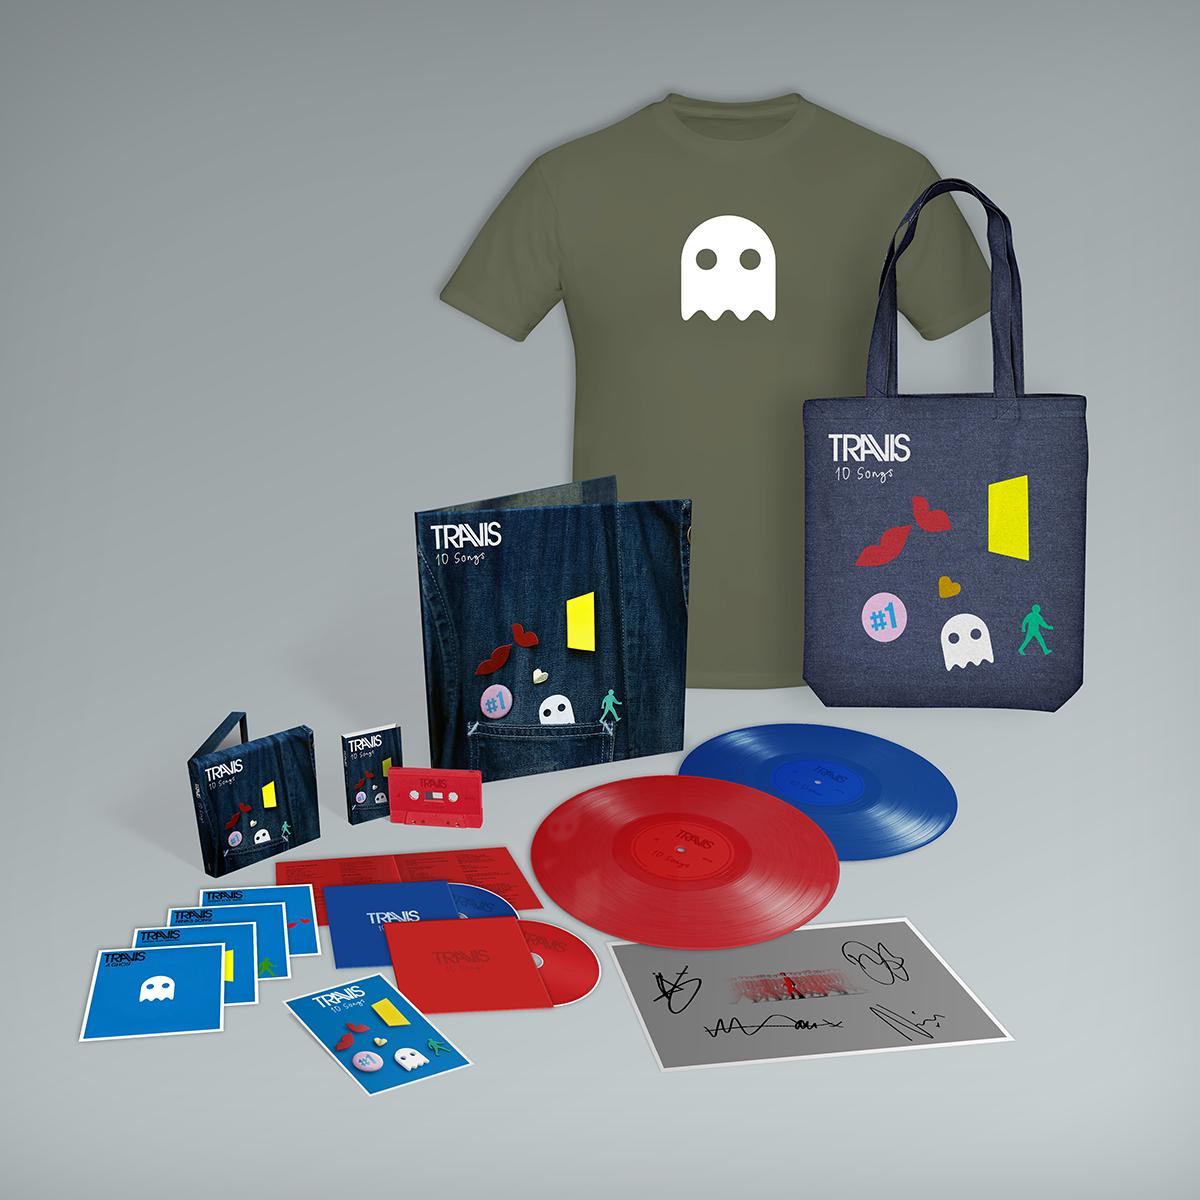 Buy Online Travis - 10 Songs Deluxe Album Bundle